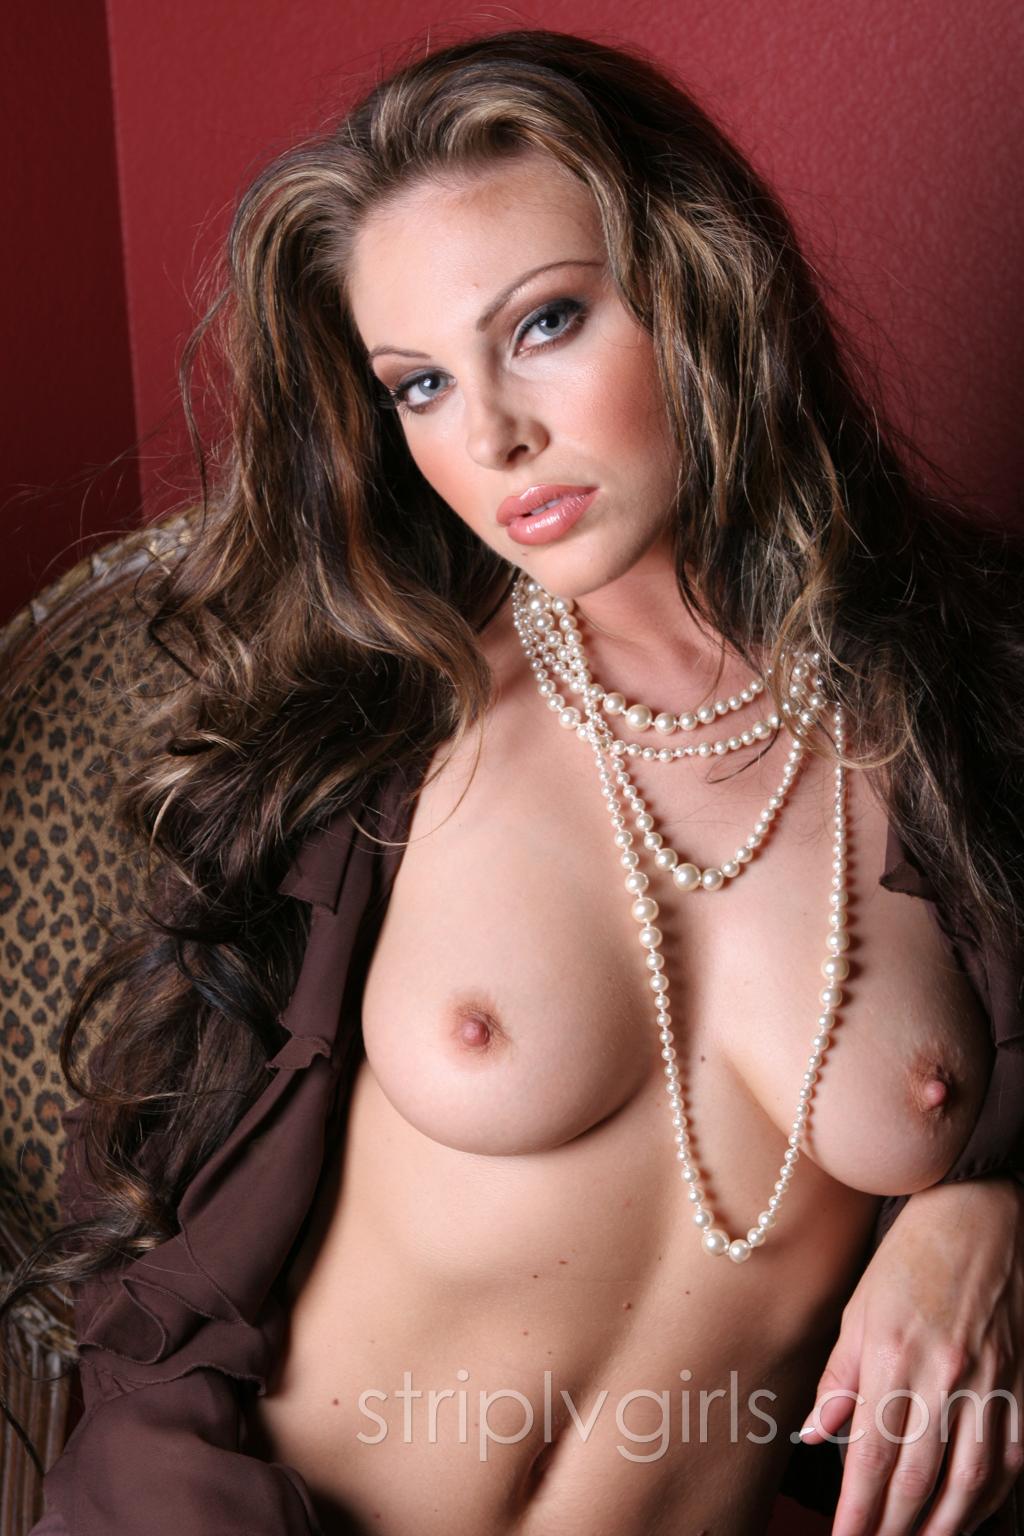 Jesse Capelli Nude jesse capelli sexy nude photos from striplvgirls 18 / 18